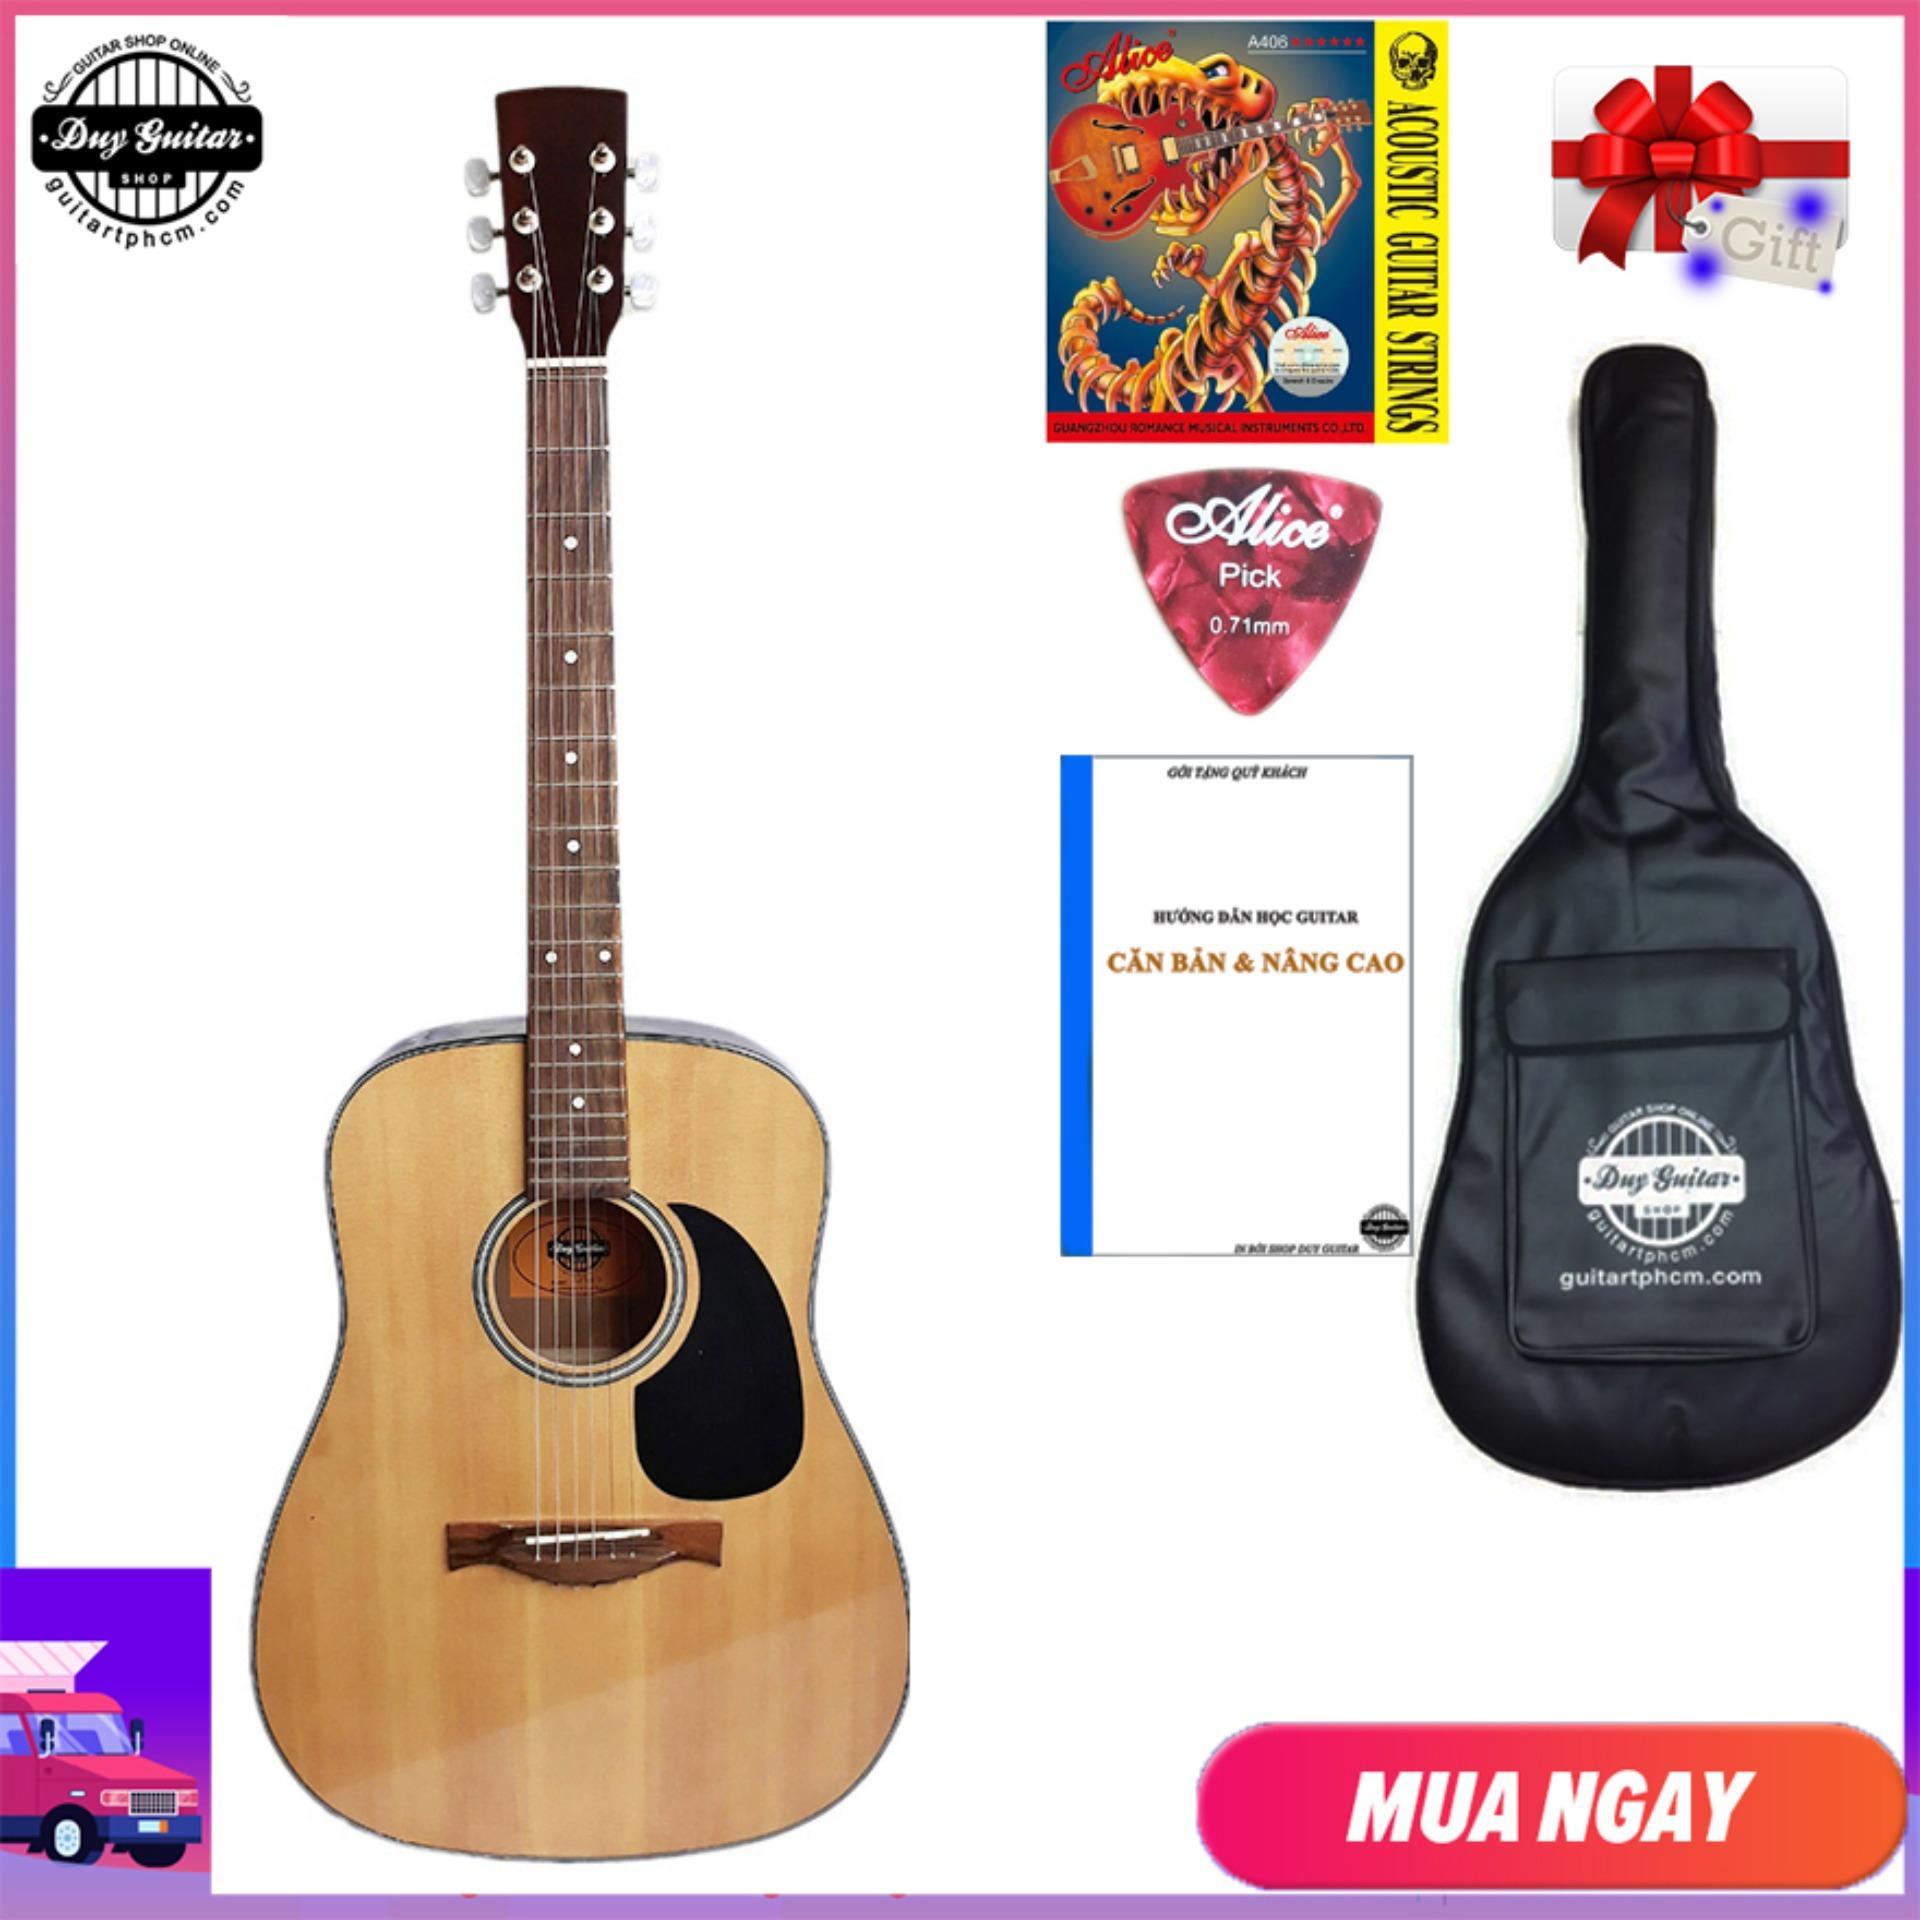 Đàn Guitar Acoustic DVE70 D  dáng D thùng to - Duy Guitar Store chuyên đàn ghi-ta đệm hát dành cho bạn mới tập